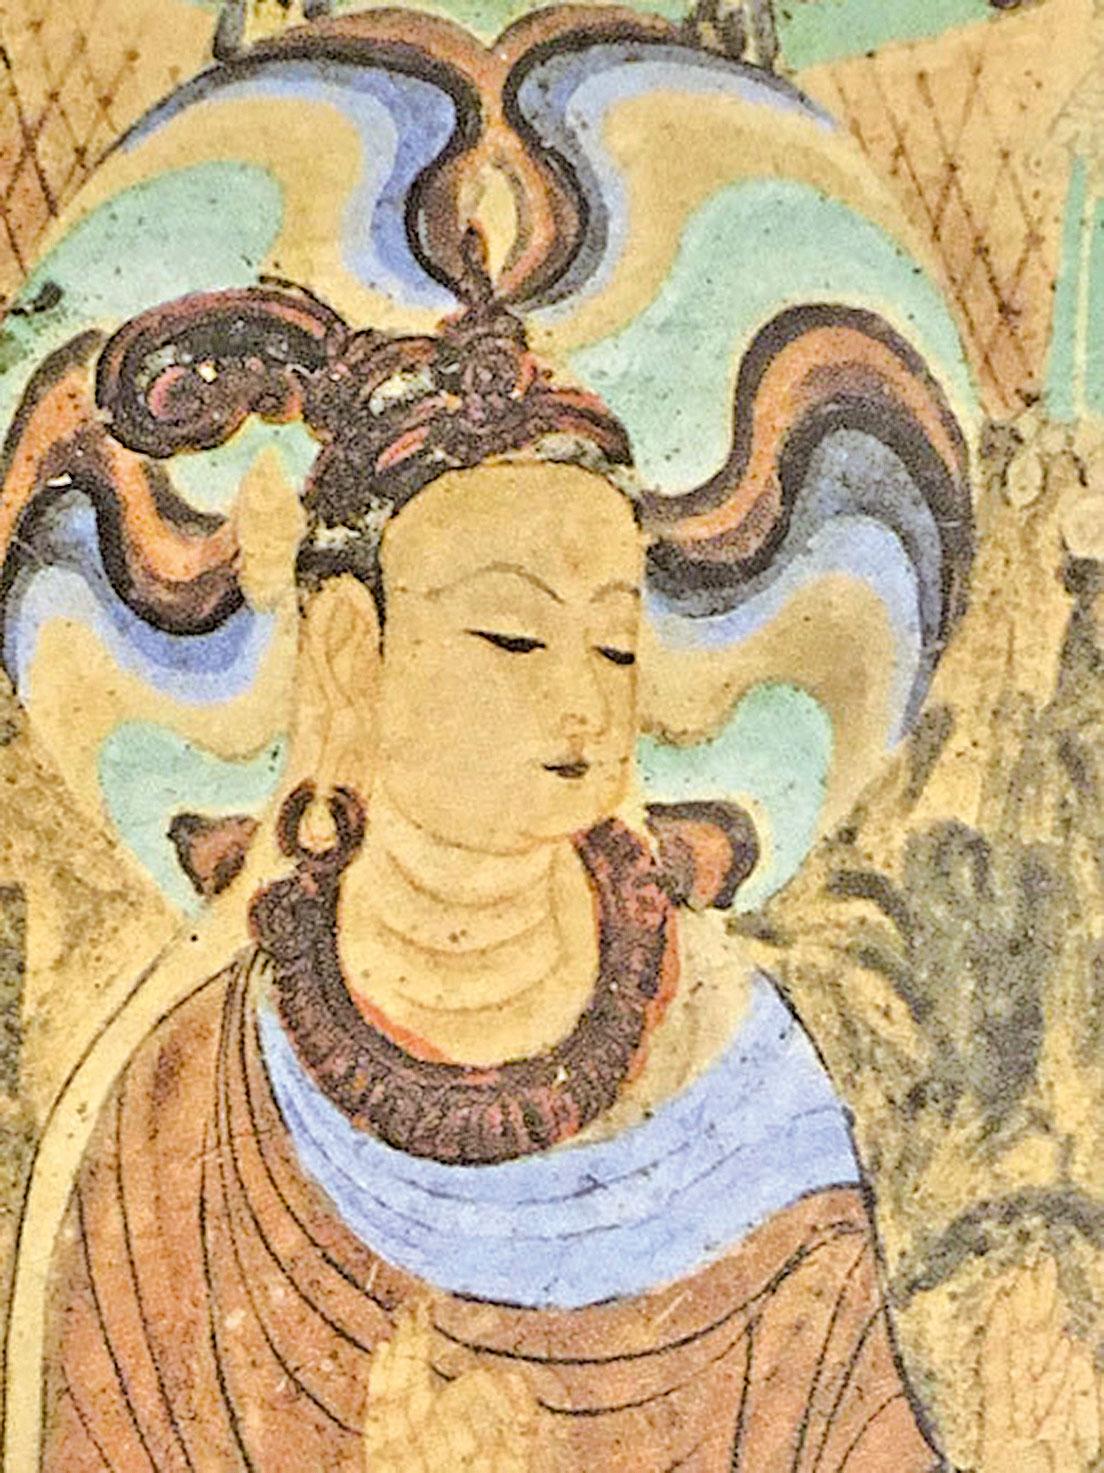 媲摩城釋迦瑞像。榜題《于闐媲摩城中雕檀瑞像》,唐代。敦煌莫高窟第231窟壁畫。 (公有領域)